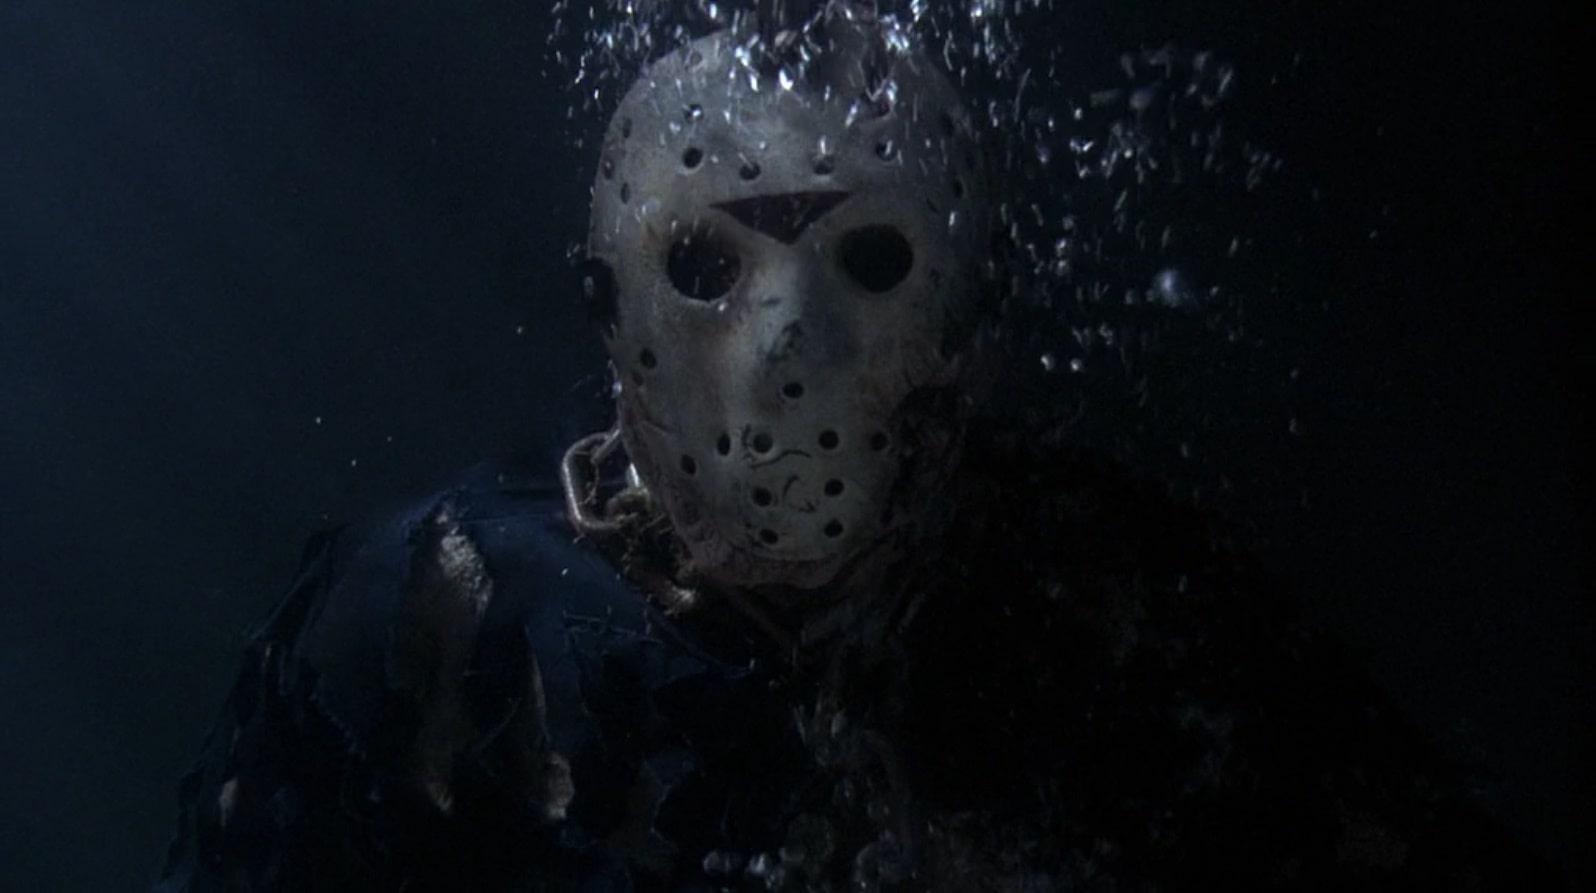 Пятница, 13-е: Новая кровь / Friday the 13th Part VII: The New Blood (1988): кадр из фильма